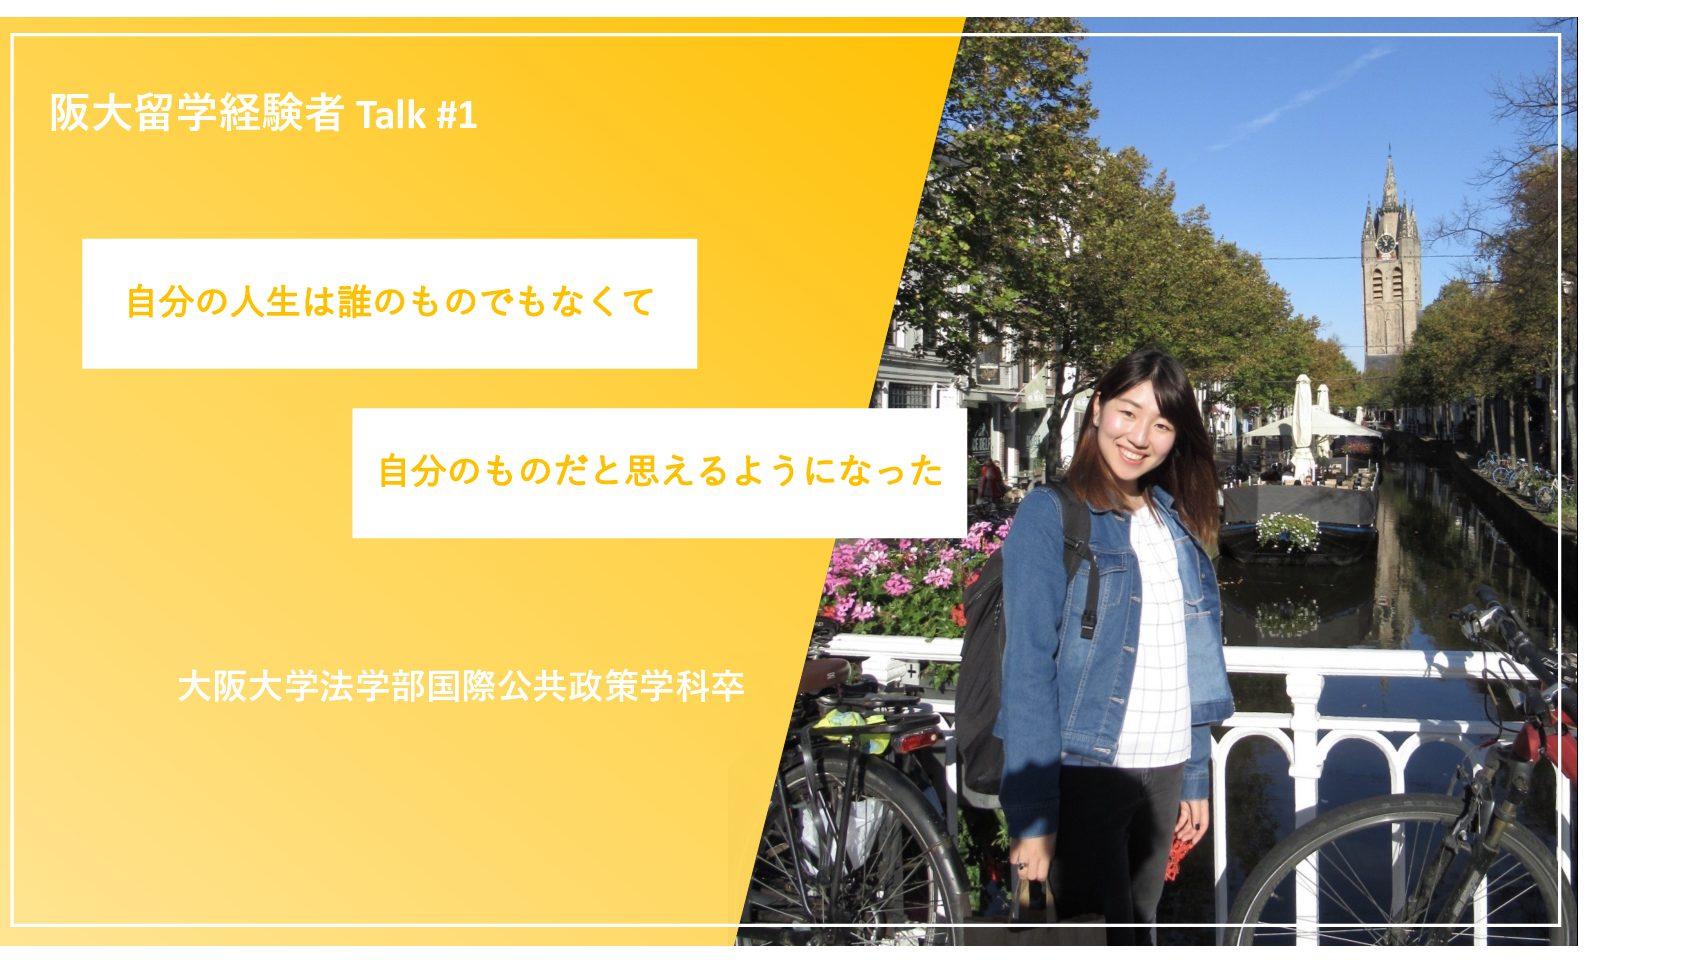 留学って実際就活に役立つの? 阪大留学経験者のその後を追跡してみた! Vol.1